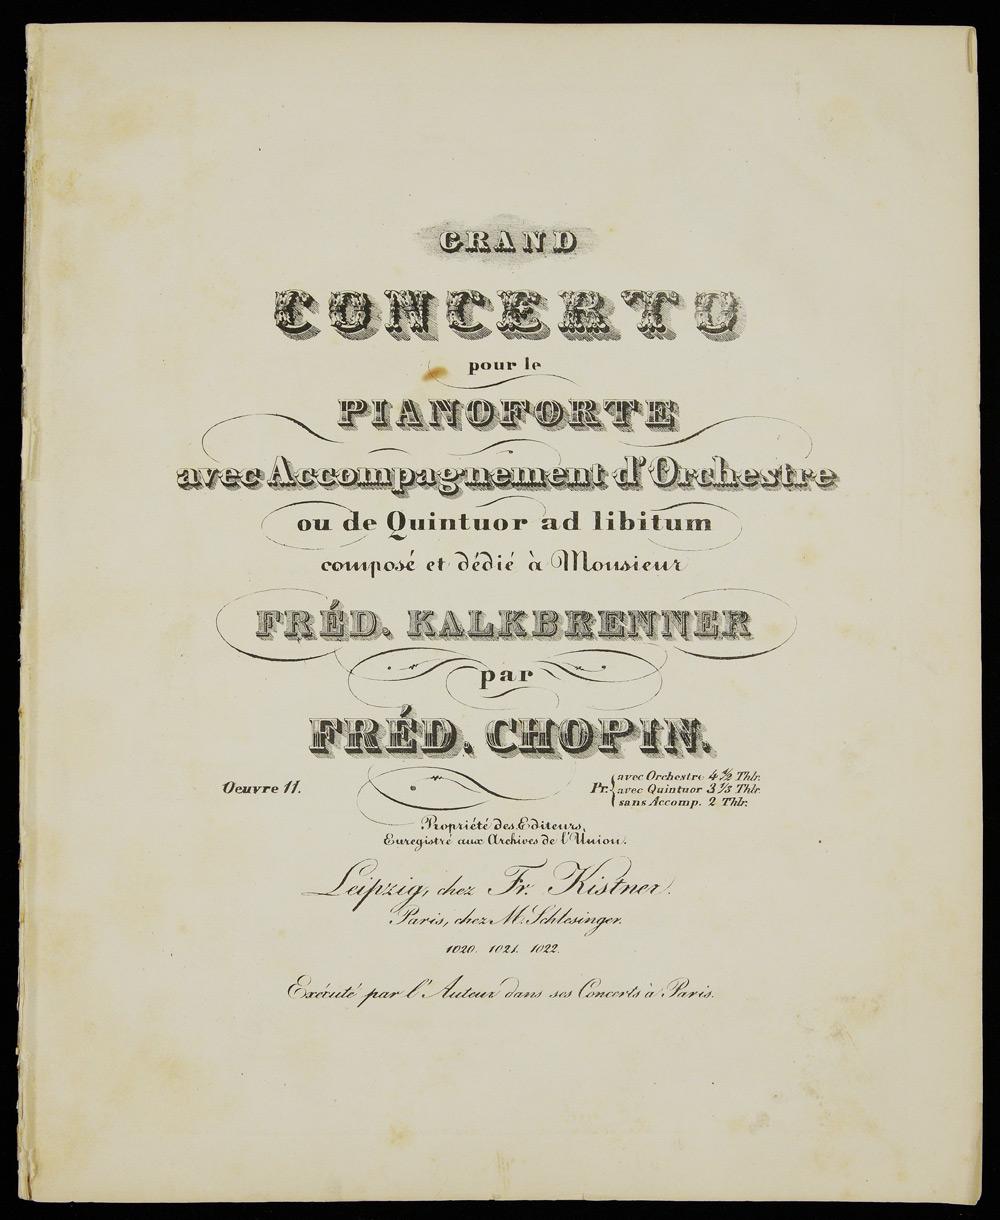 Chopin, Grand concerto : pour le pianoforte avec accompagnement d'orchestre ou de quintuor ad libitum : oeuvre 11 : sans accomp. Photo: Polona Polish Digital National Library / www.polona.pl